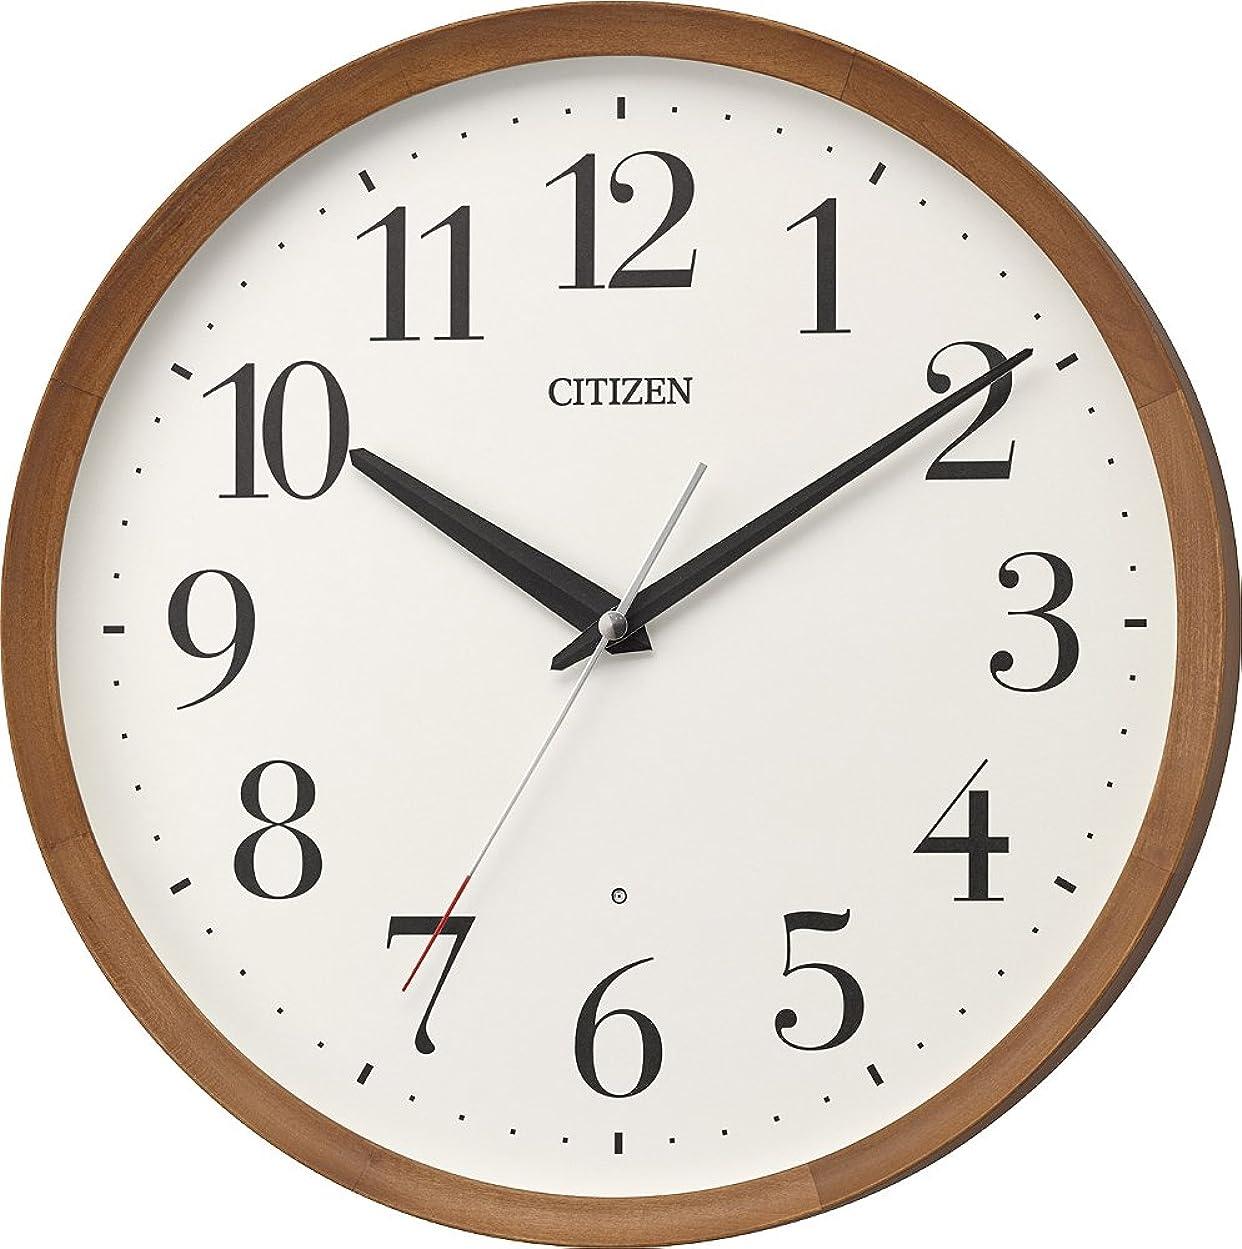 バン再開言語リズム時計工業 置き時計?掛け時計 茶色 Φ32x5.4cm 電波 アナログ M535 連続秒針 丸型 木 シチズン 8MY535-006